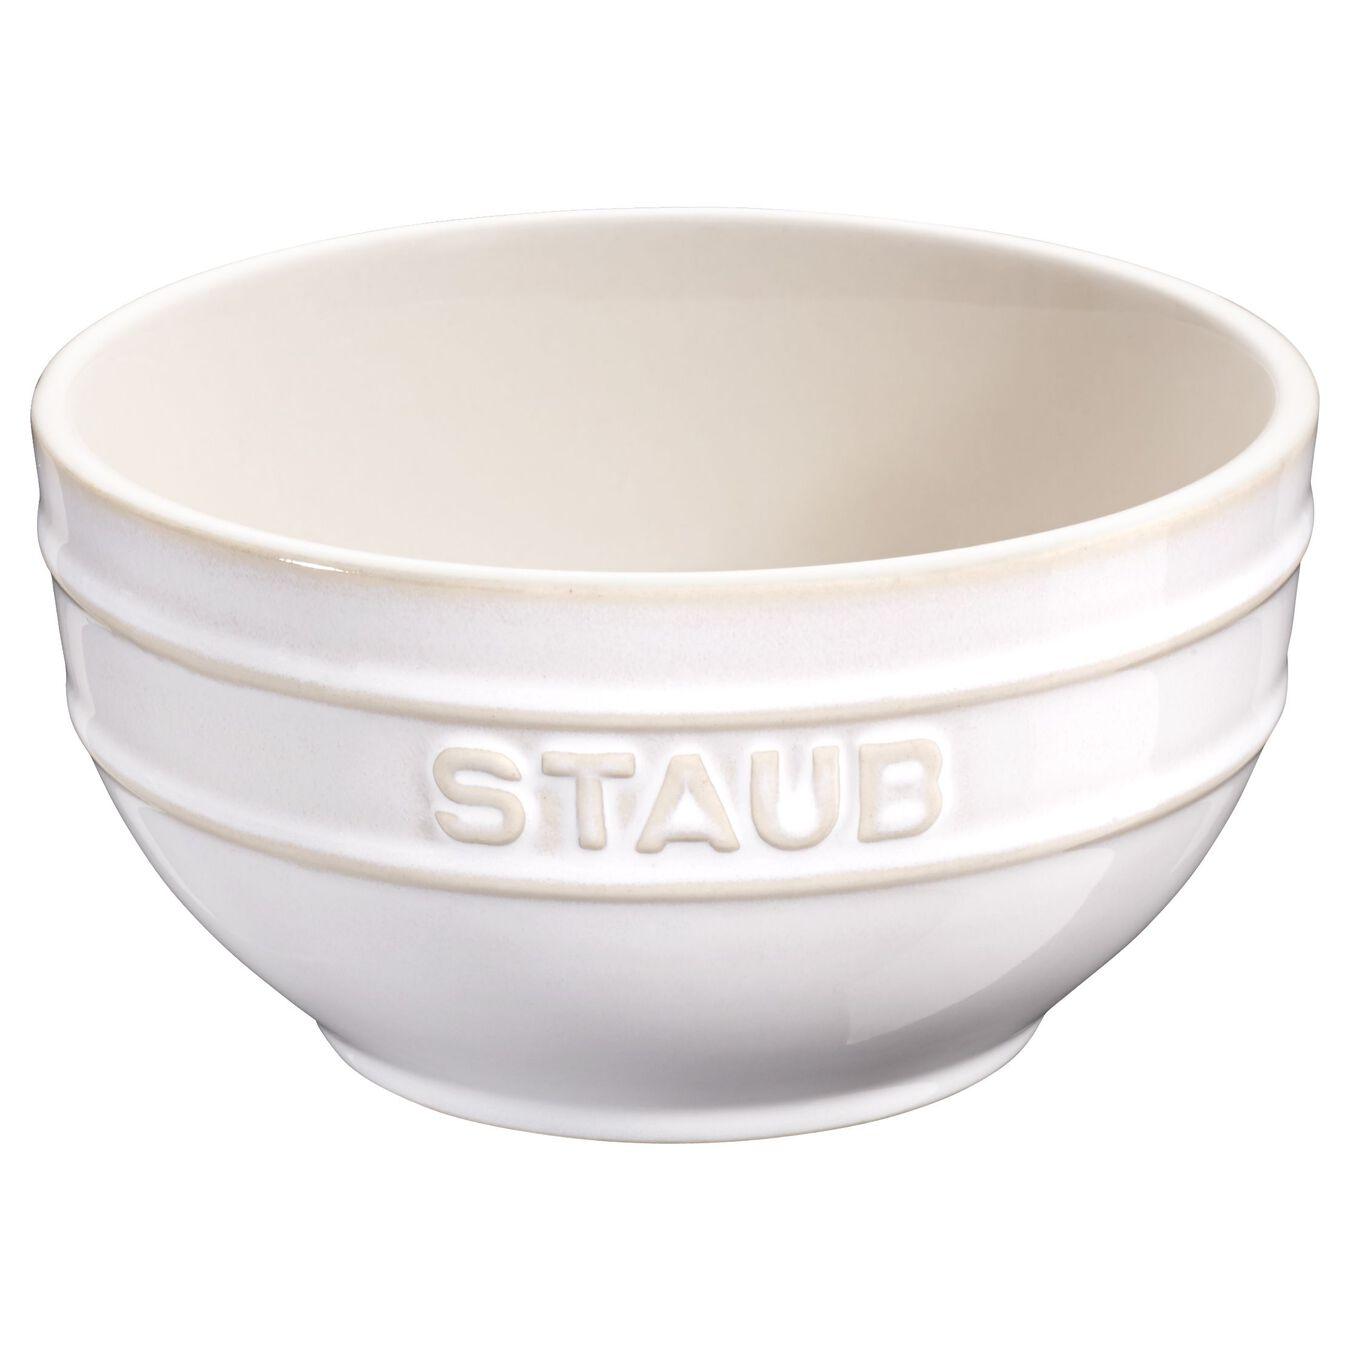 Schüssel 17 cm, Keramik, Elfenbein-Weiß,,large 1